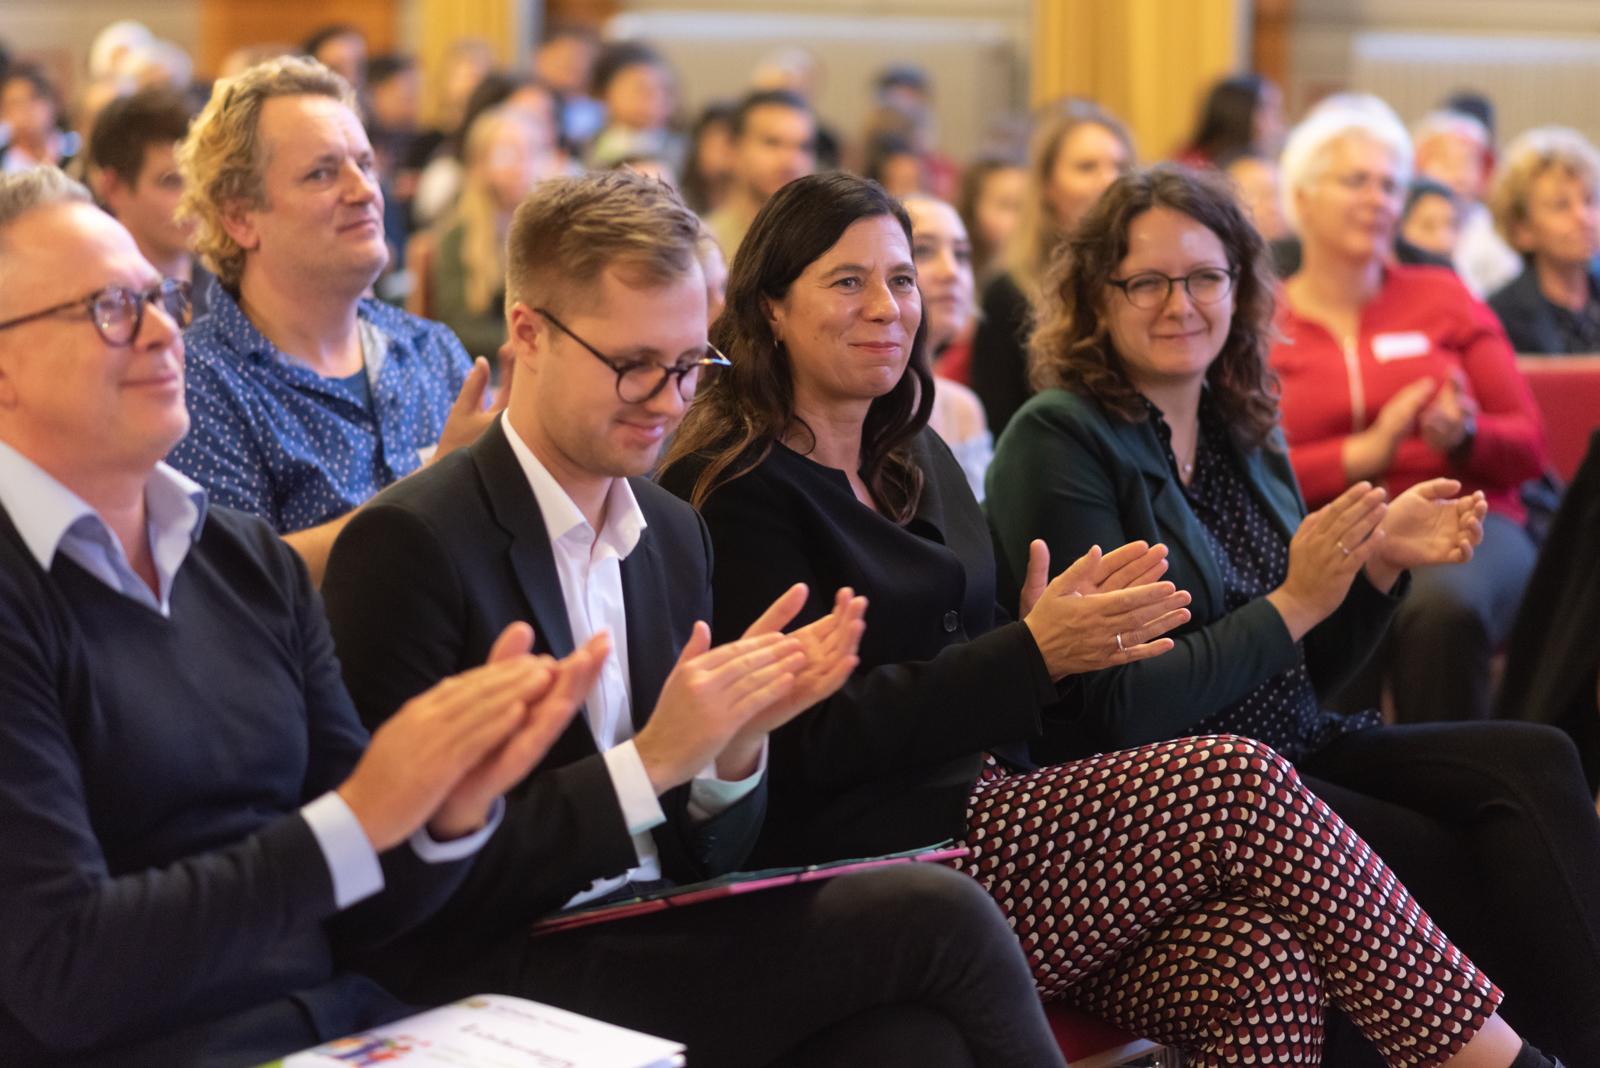 Viele Menschen sitzen im Plenum und applaudieren.